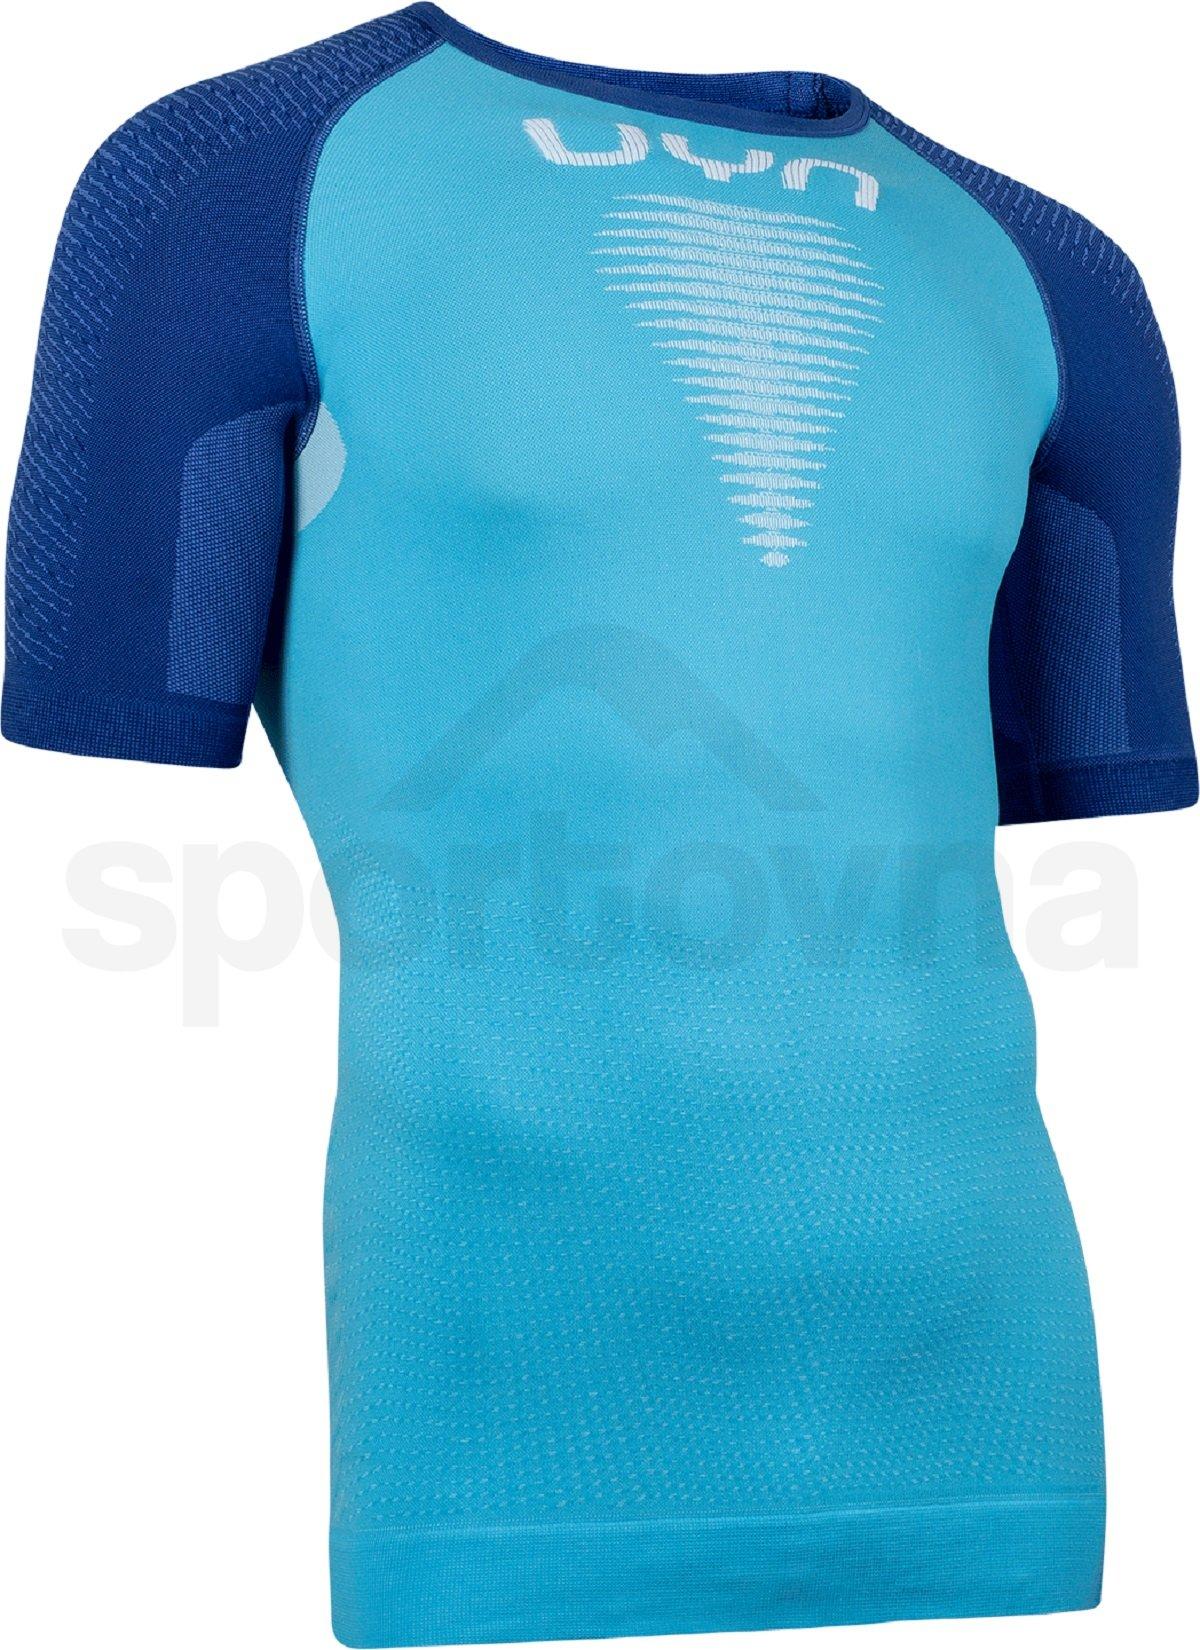 Funkční tričko UYN Marathon Ow Shirt Sh_Sl M - modrá/bílá